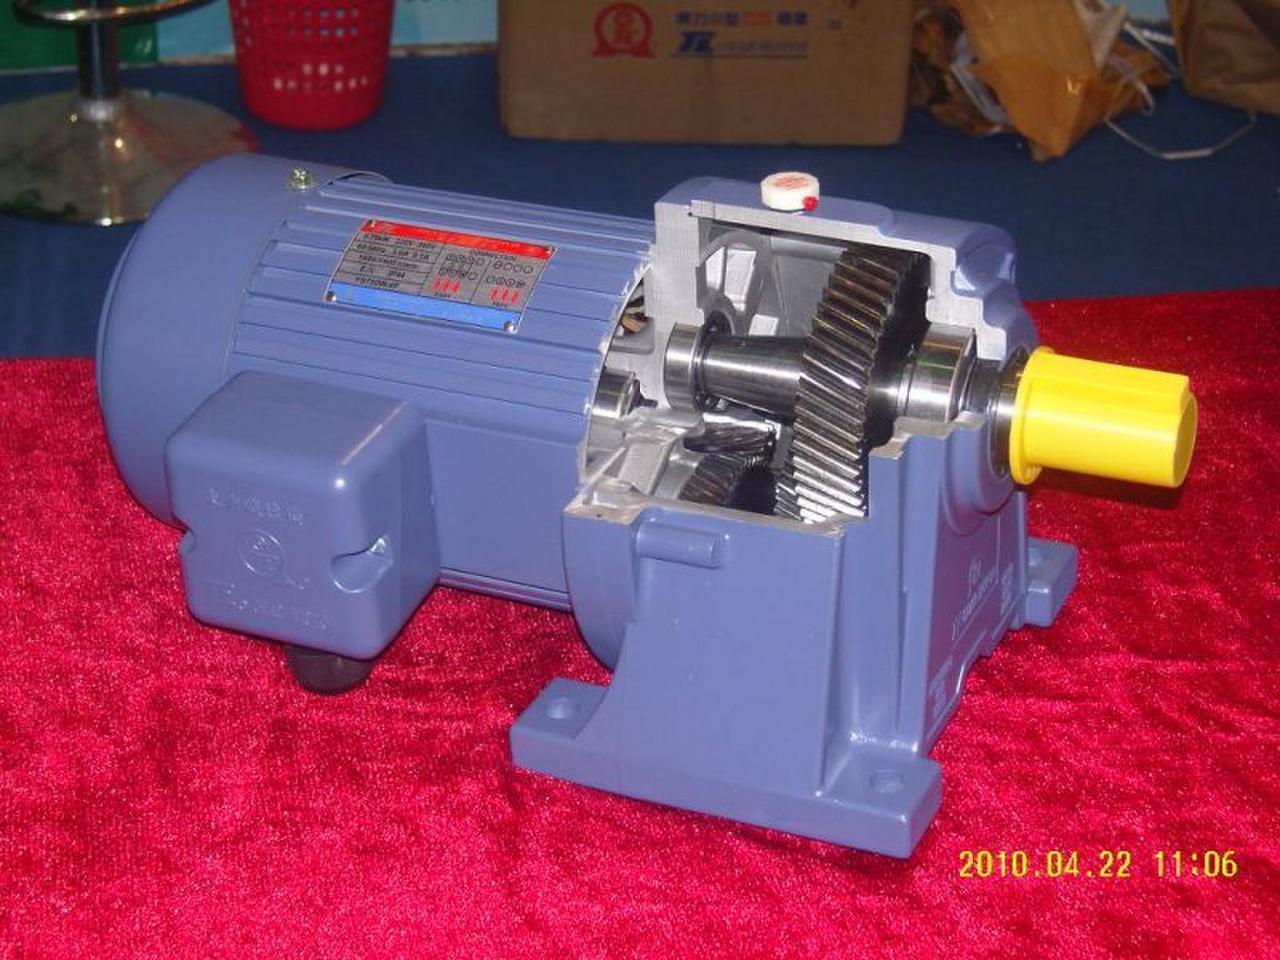 东力马达卧式pl型齿轮减速电机 电机功率 400w(1/2hp) 输入电压 单相